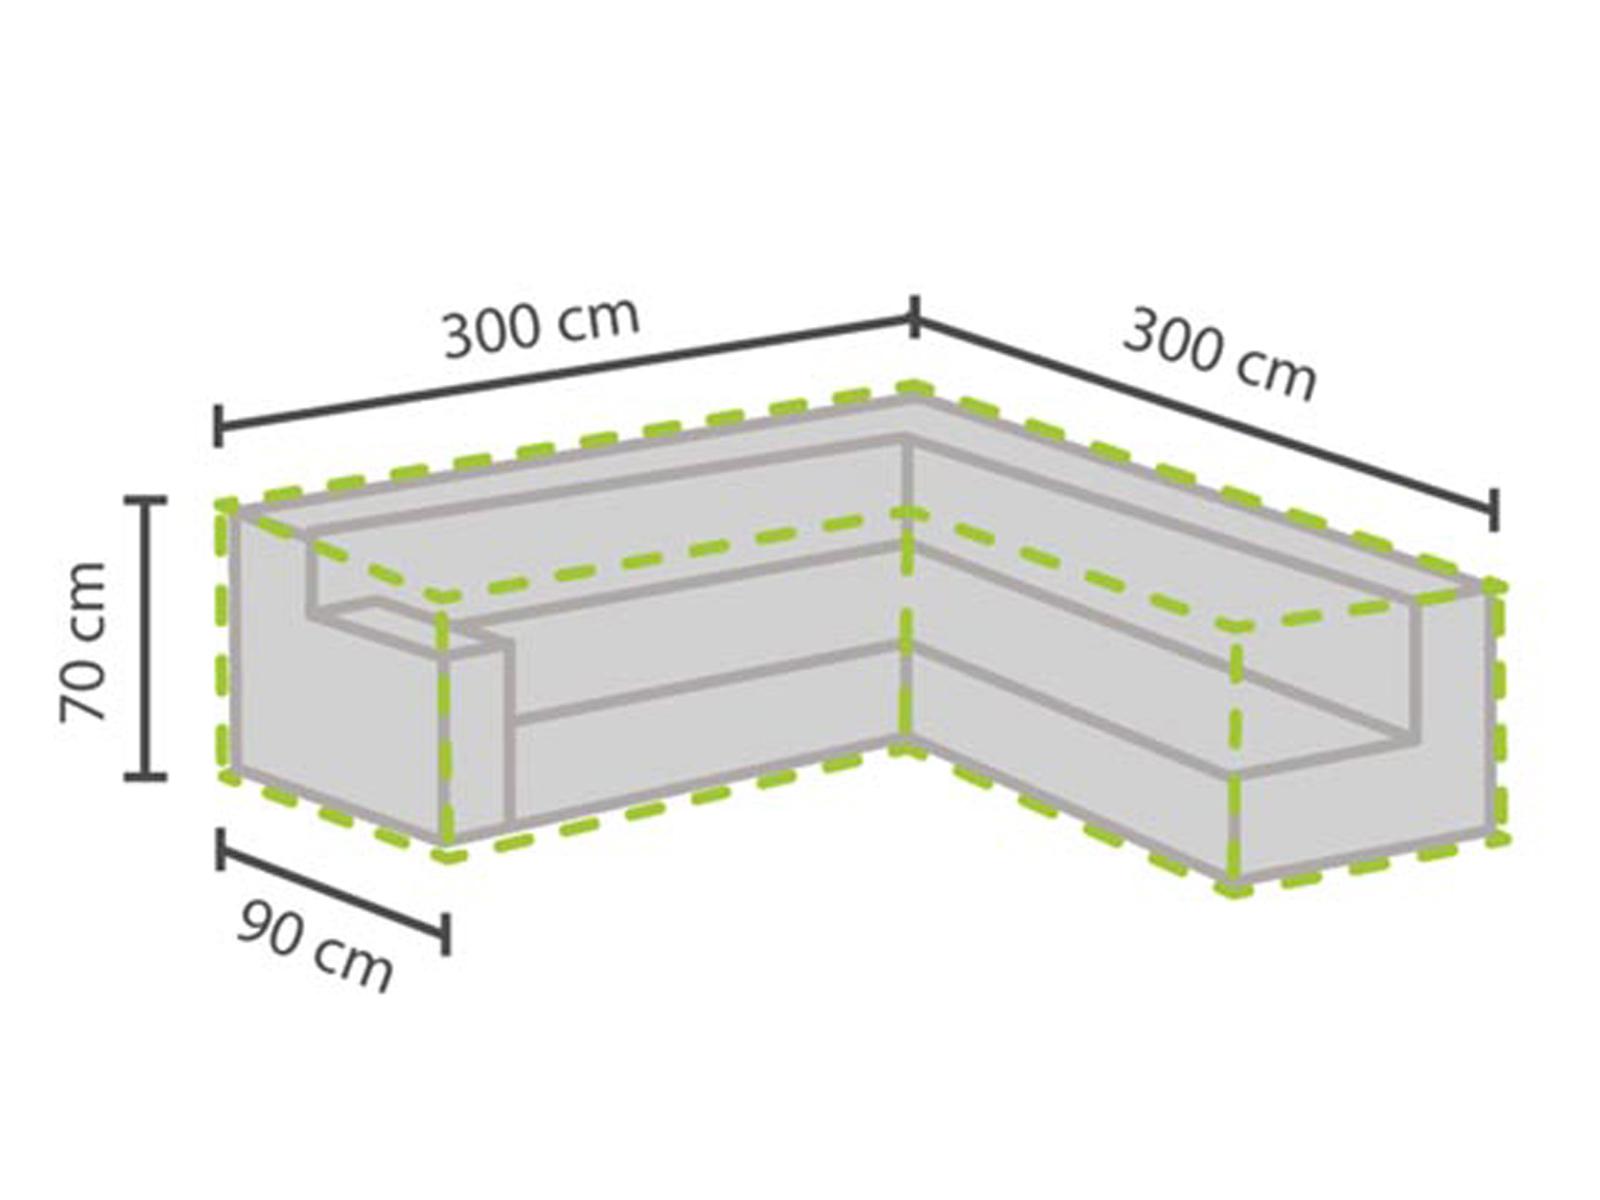 Muebles de jardín muebles Lounge L-rampas en cubierta 300x300cm impermeable, lona XXL